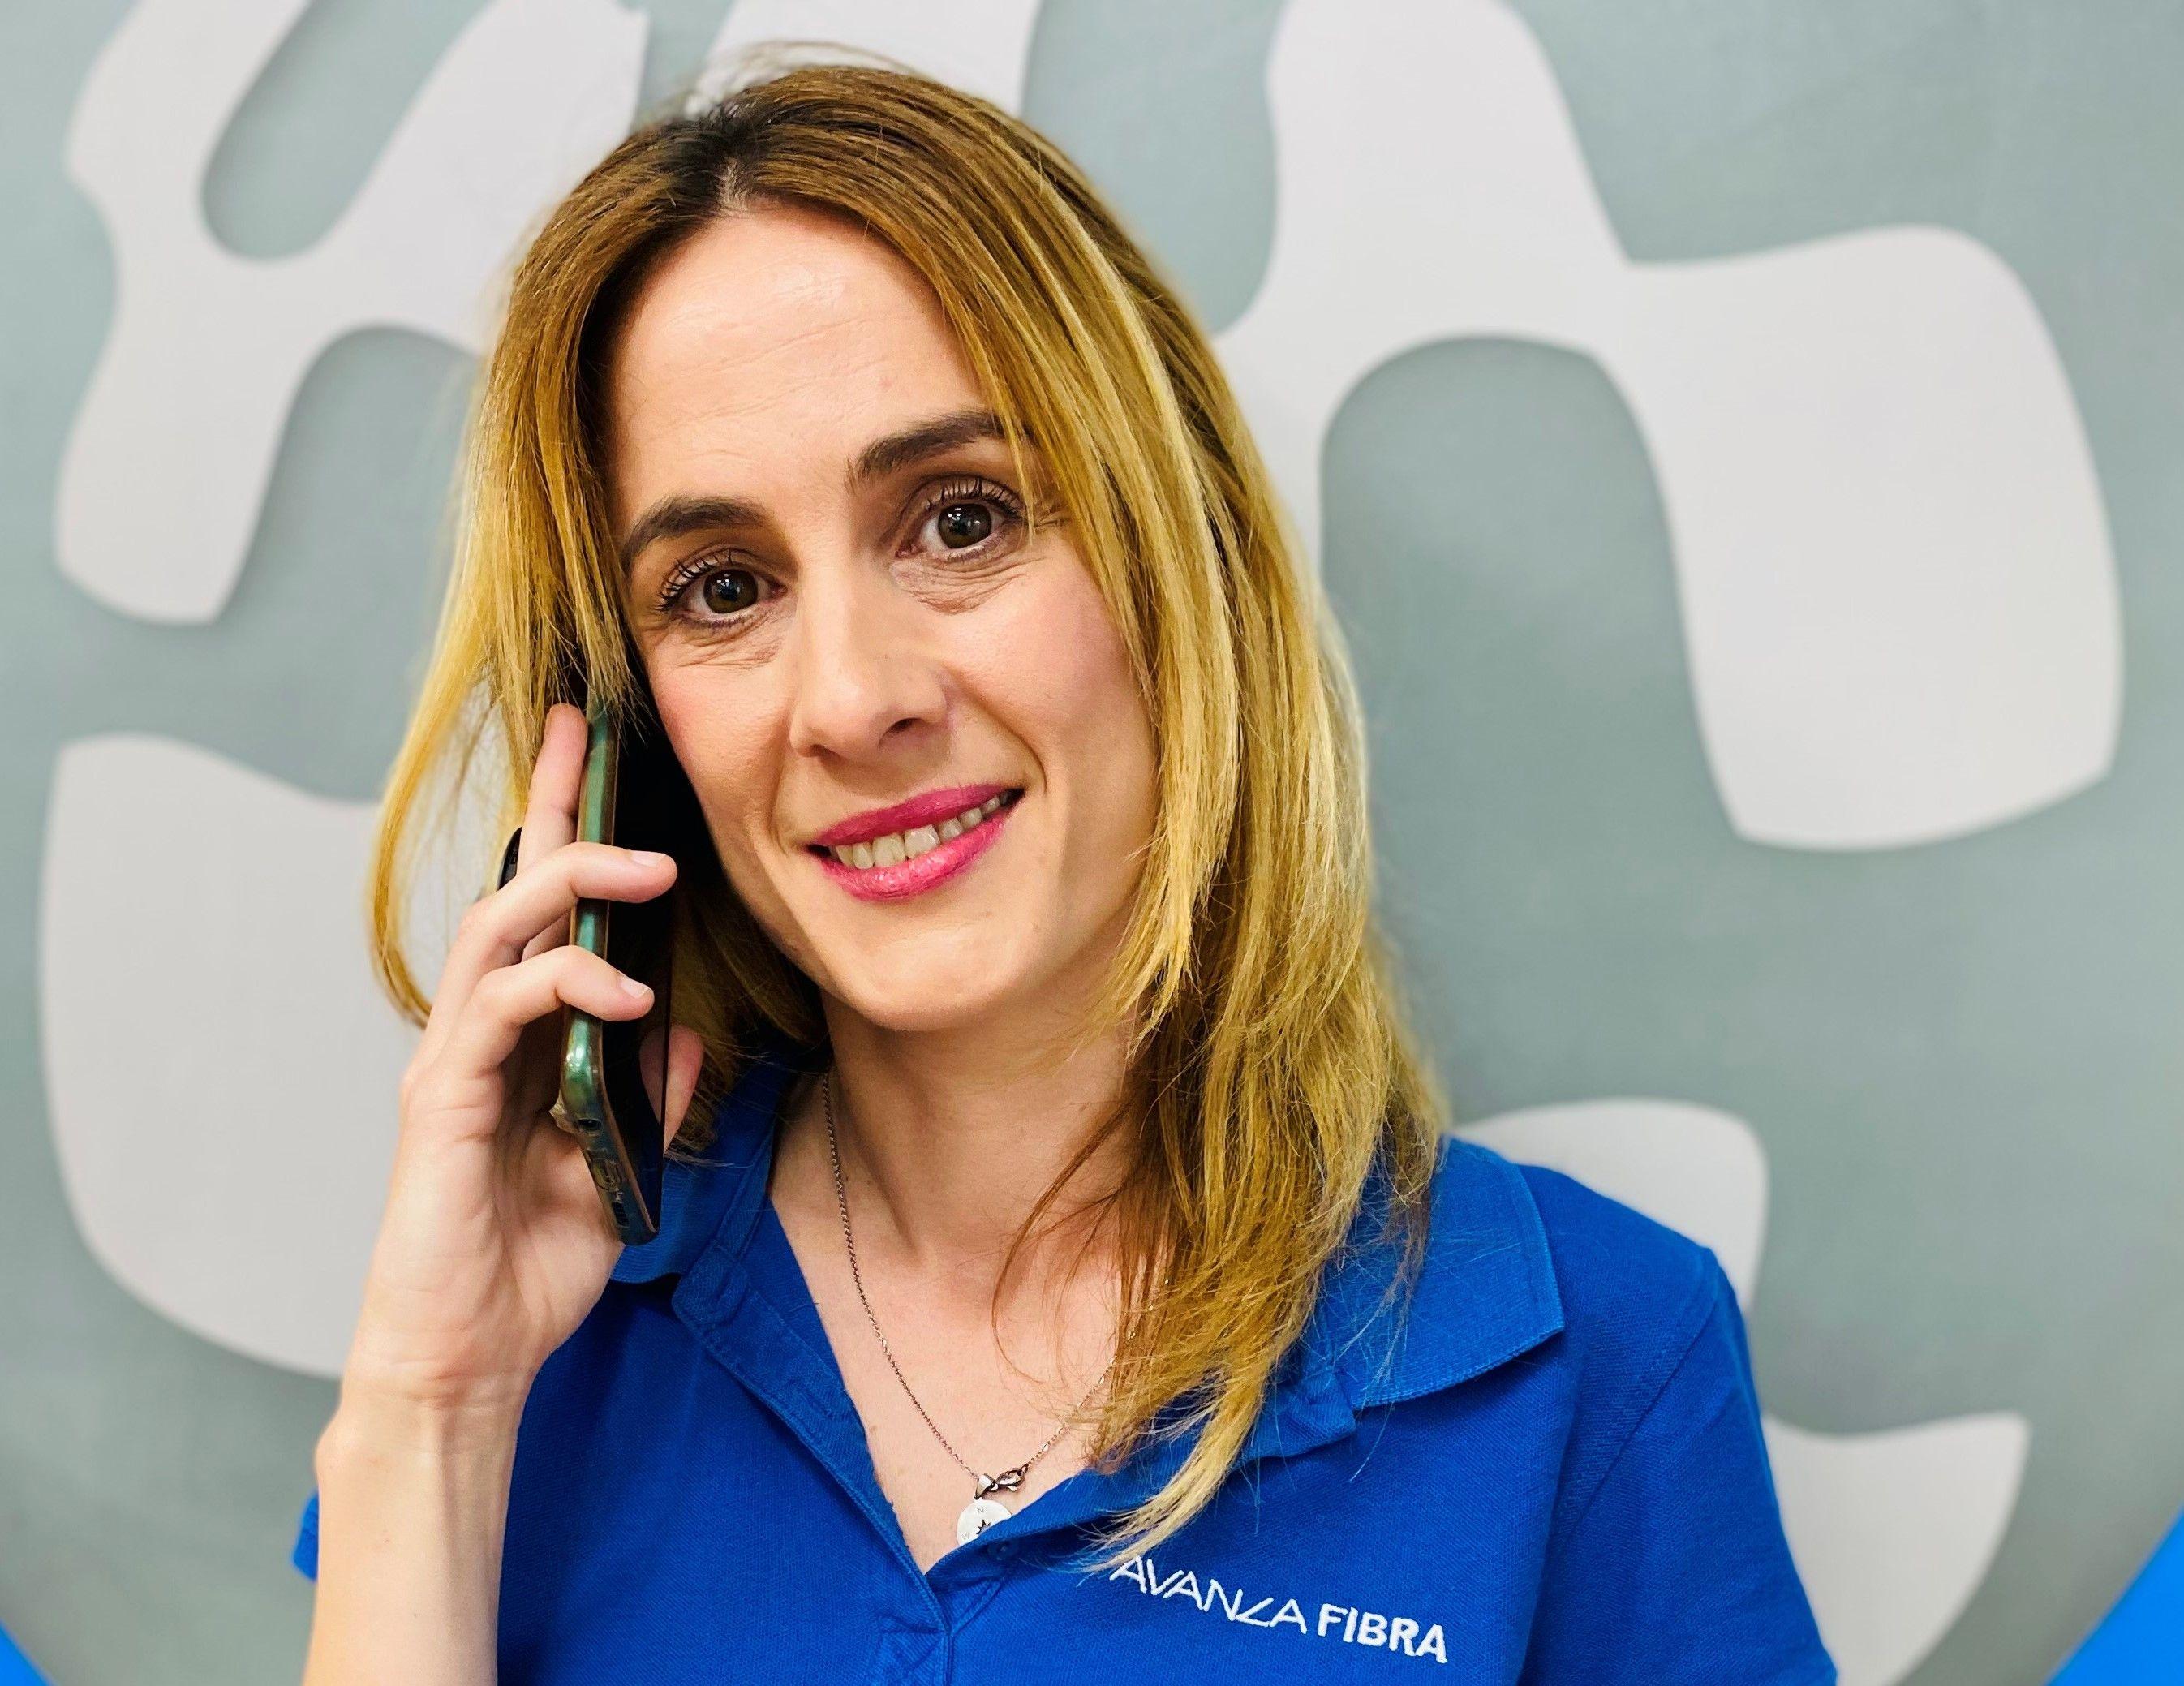 """Avanza compra """"Global Carrier"""" y se convierte en OMV para vender sobre la red de Orange"""